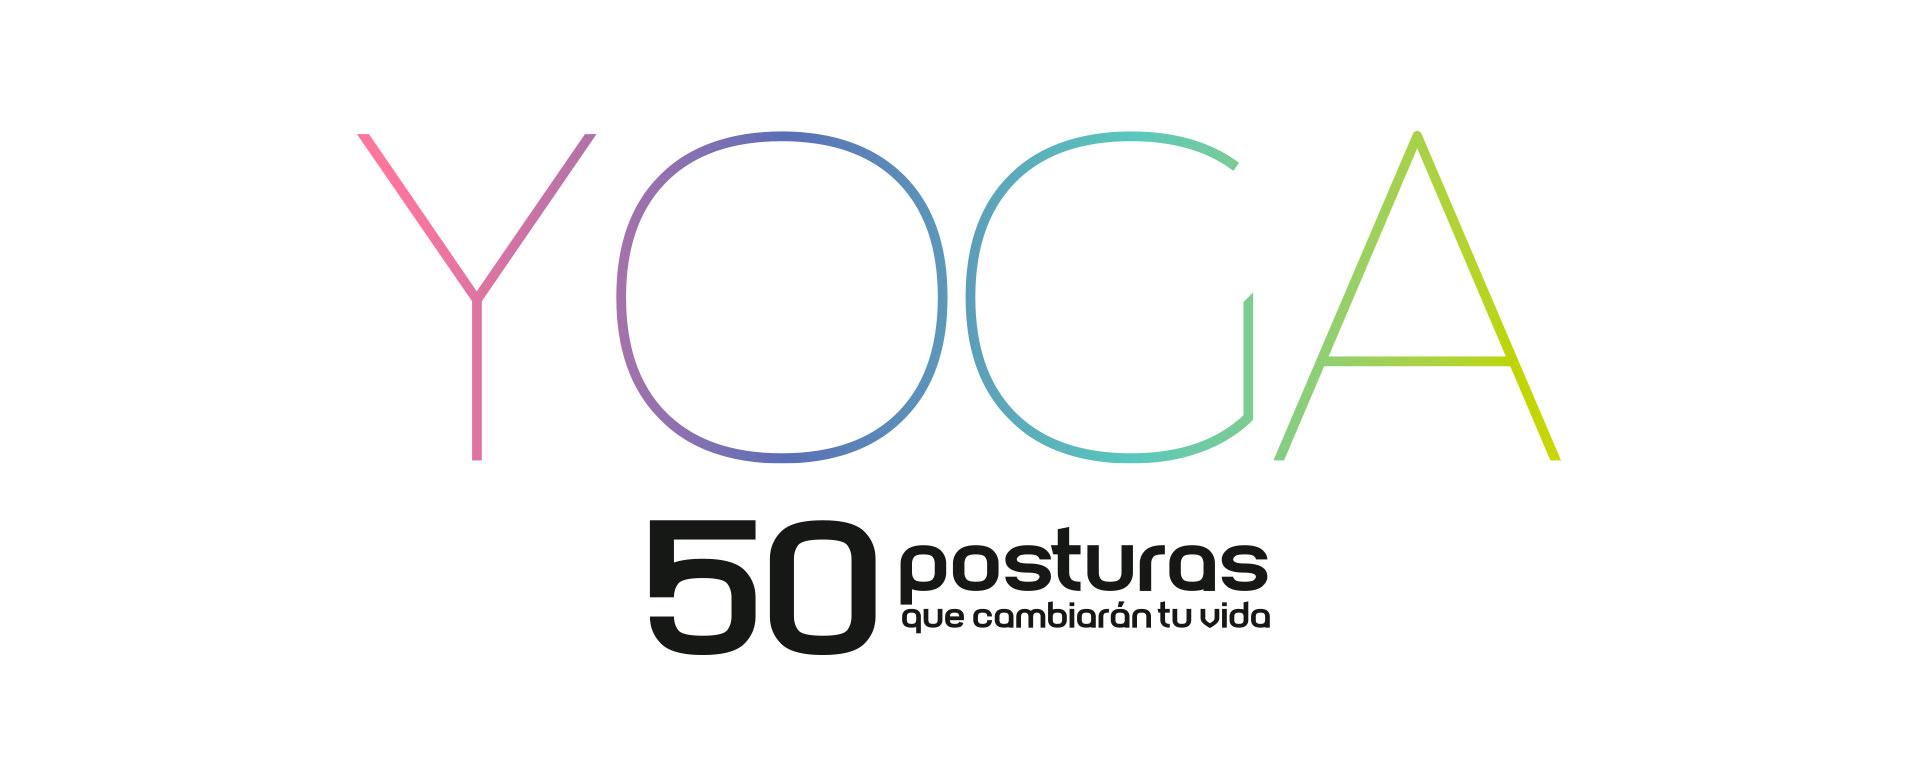 Logotipo - 50 posturas que cambiarán tu vida. Planifica tus clases. Regala Yoga | Yowe